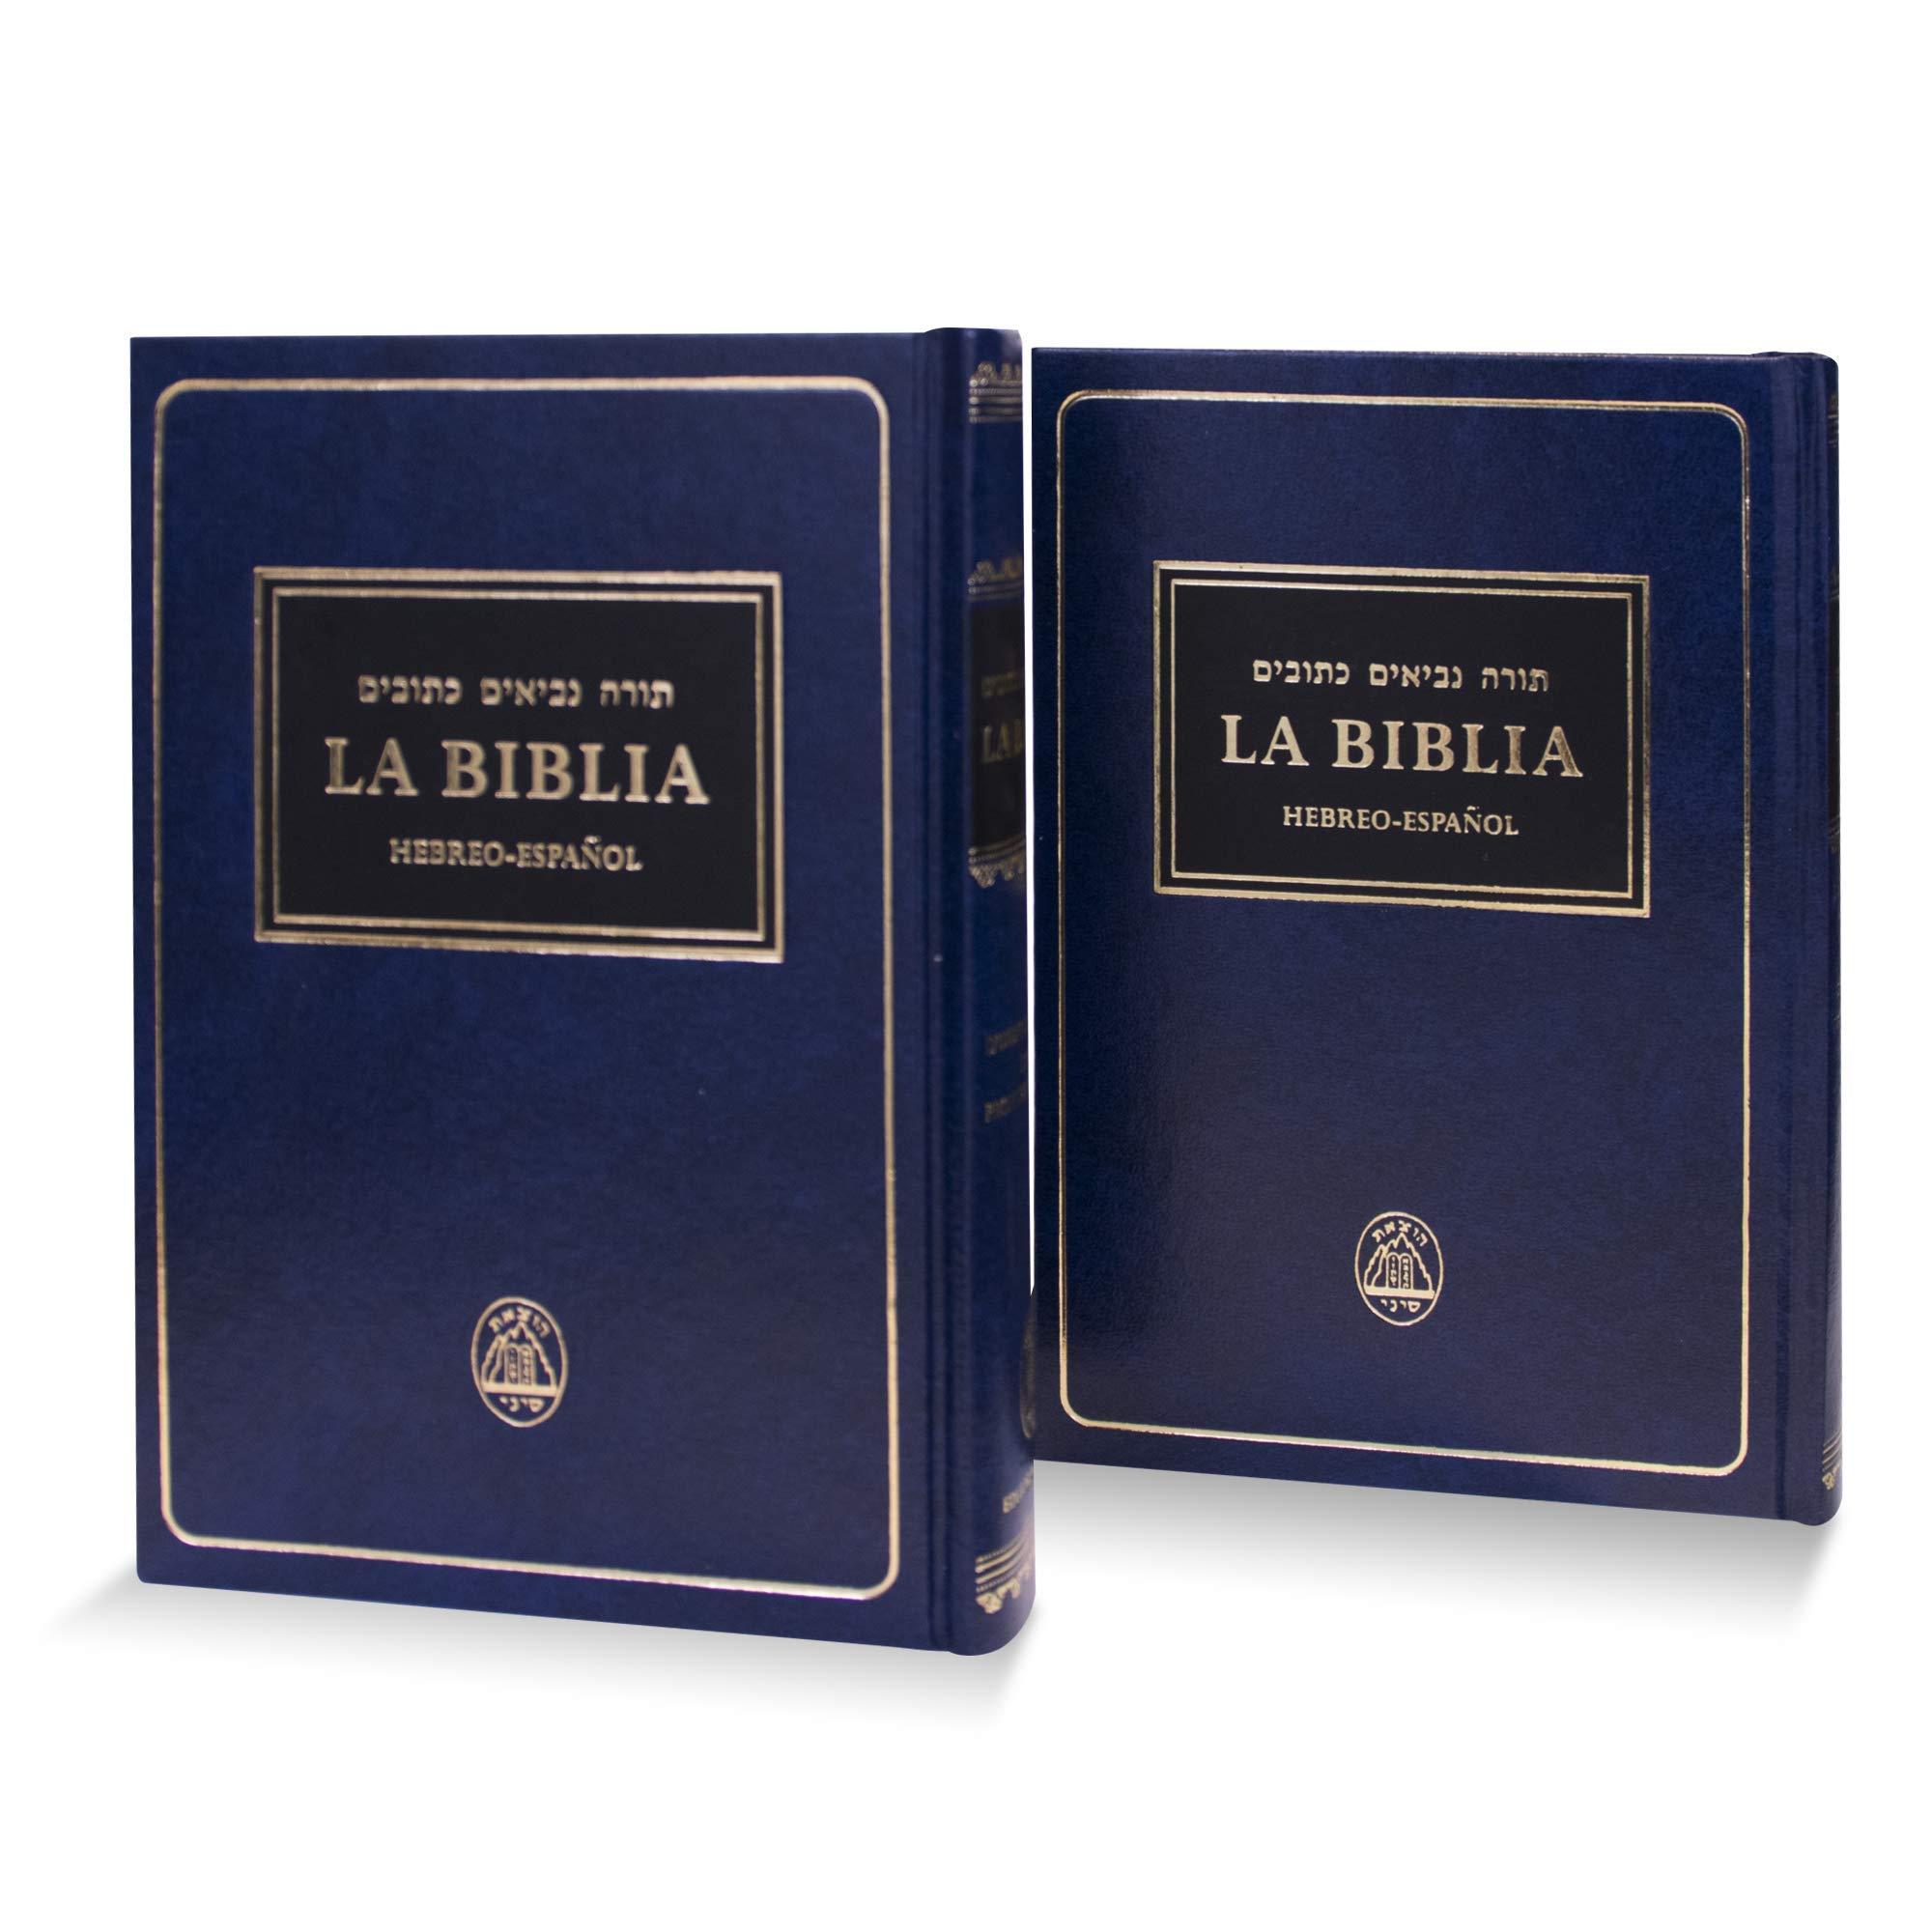 La Biblia Hebreo Español Versión Castellana Conforme A La Tradición Judía Sinai 7290003487189 Books